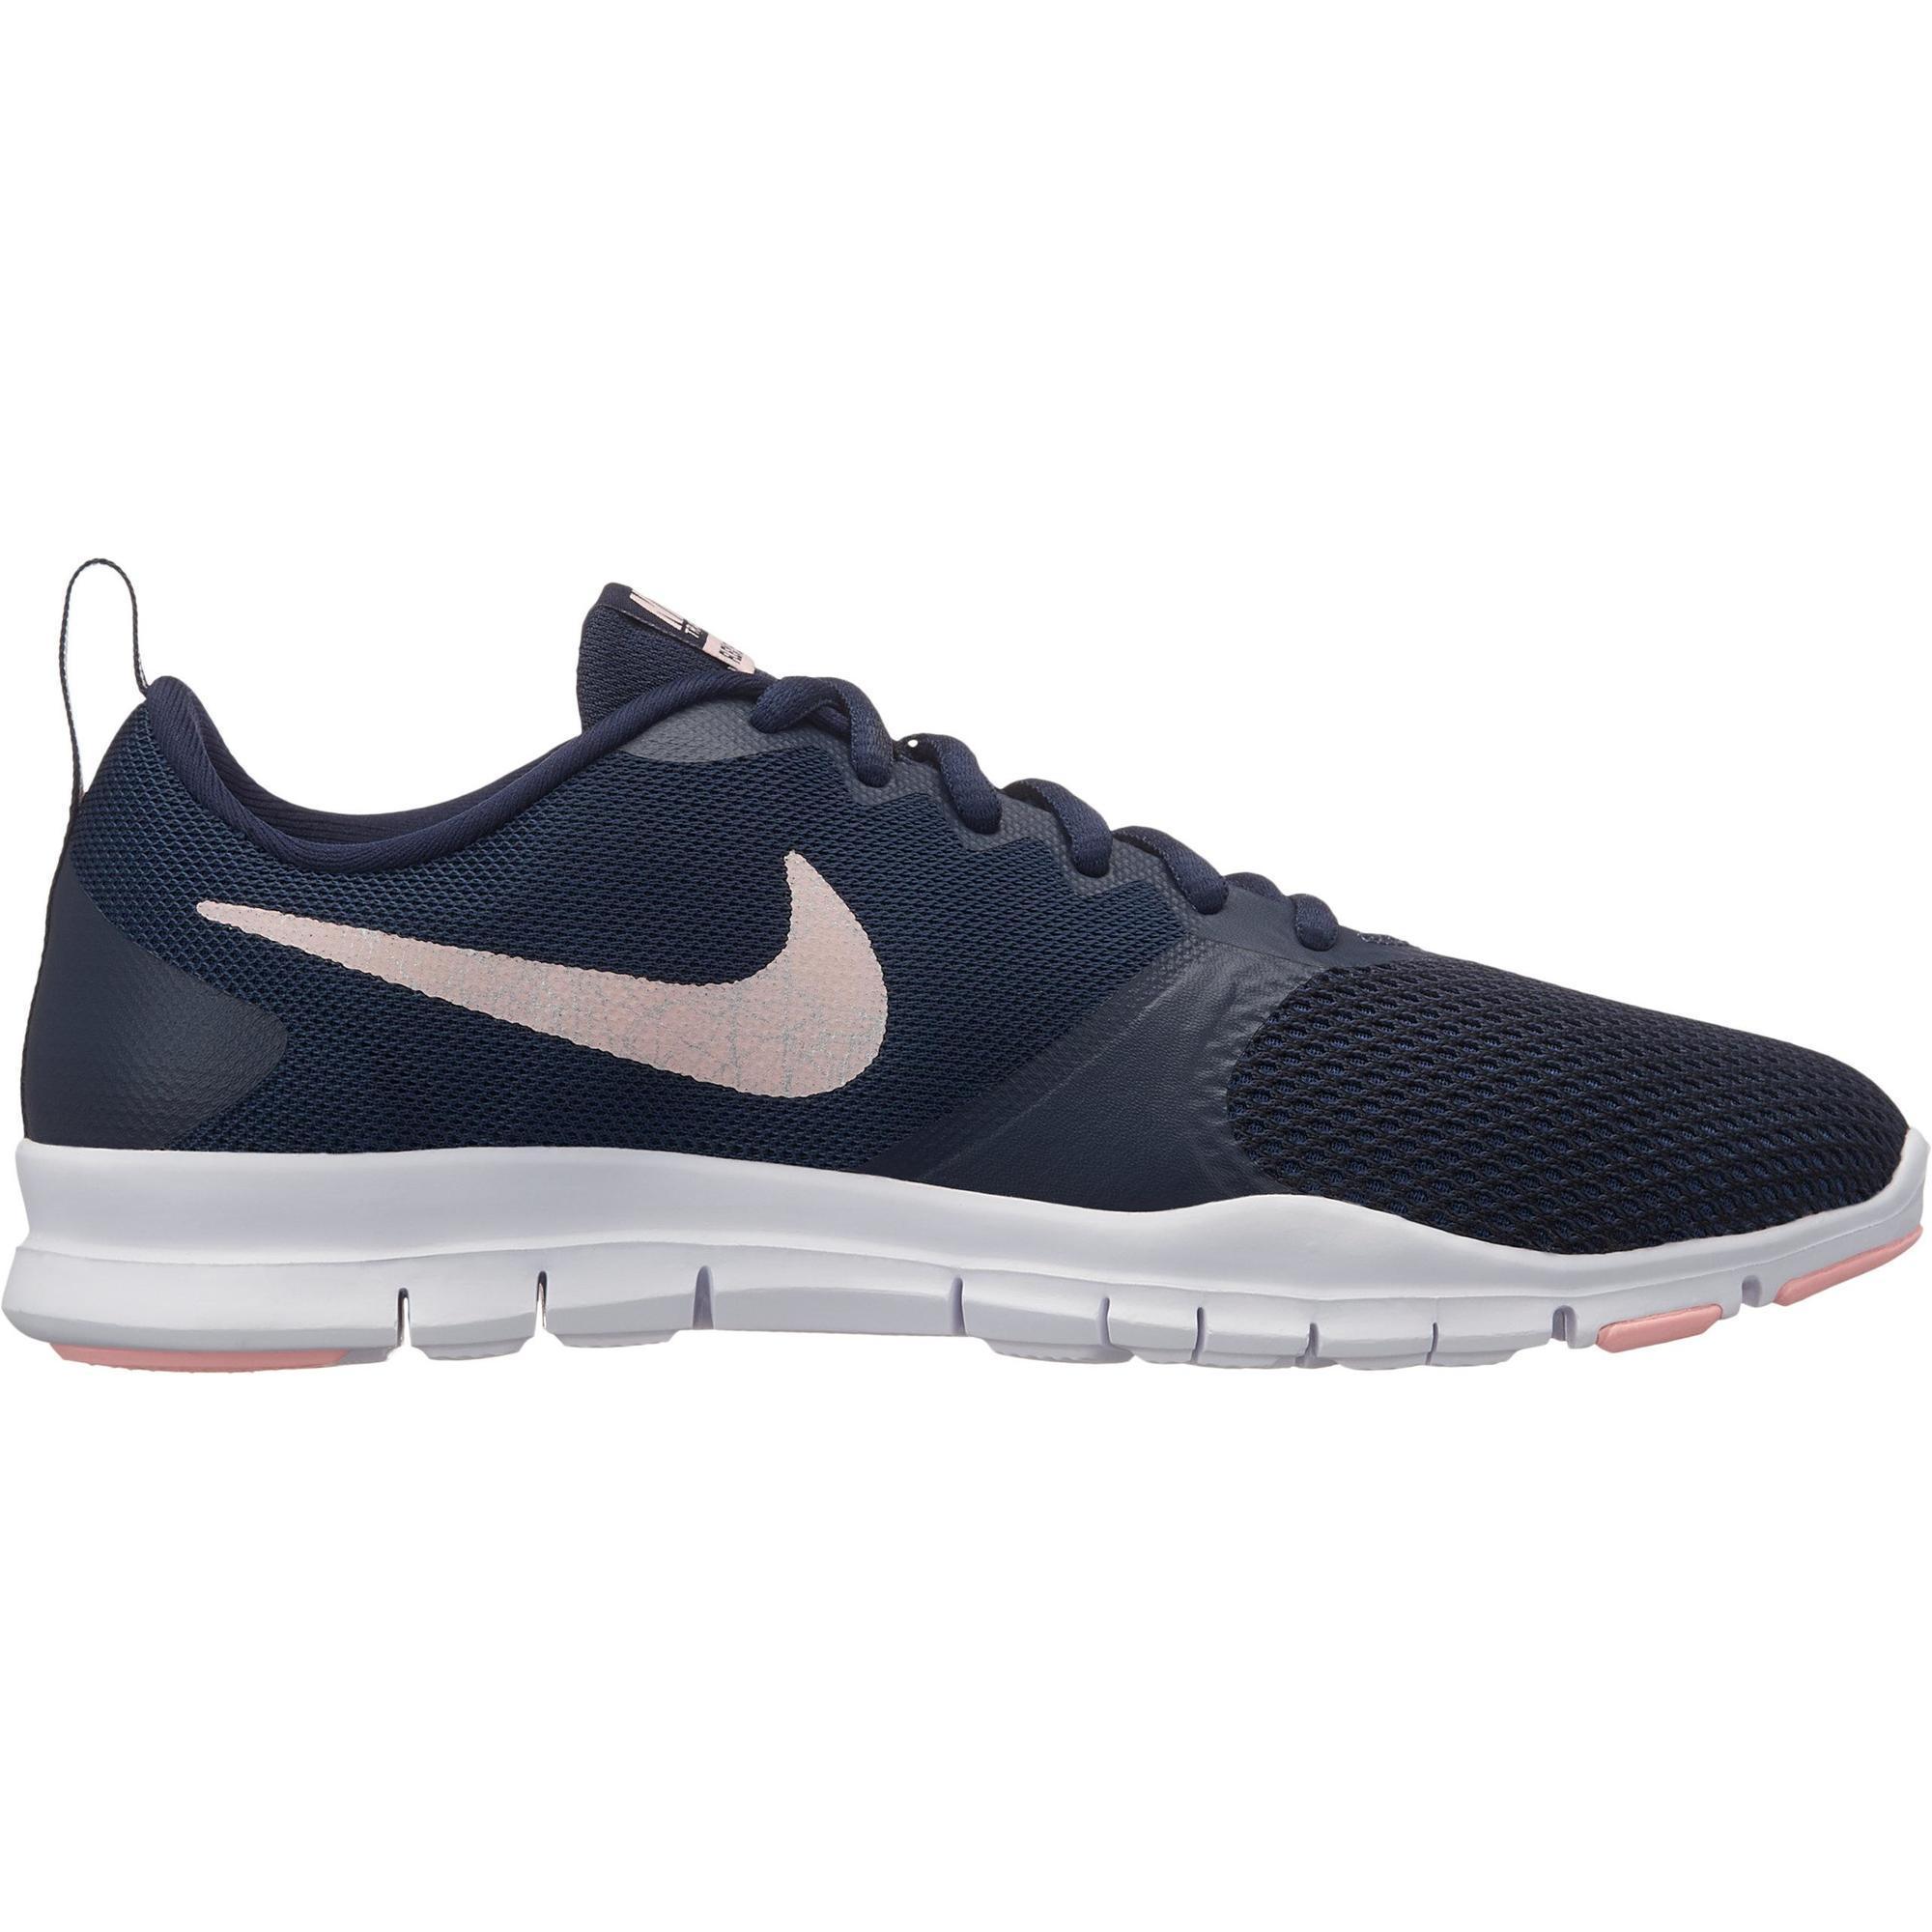 Comprar Zapatillas de Fitness Online  d4e527deaa207